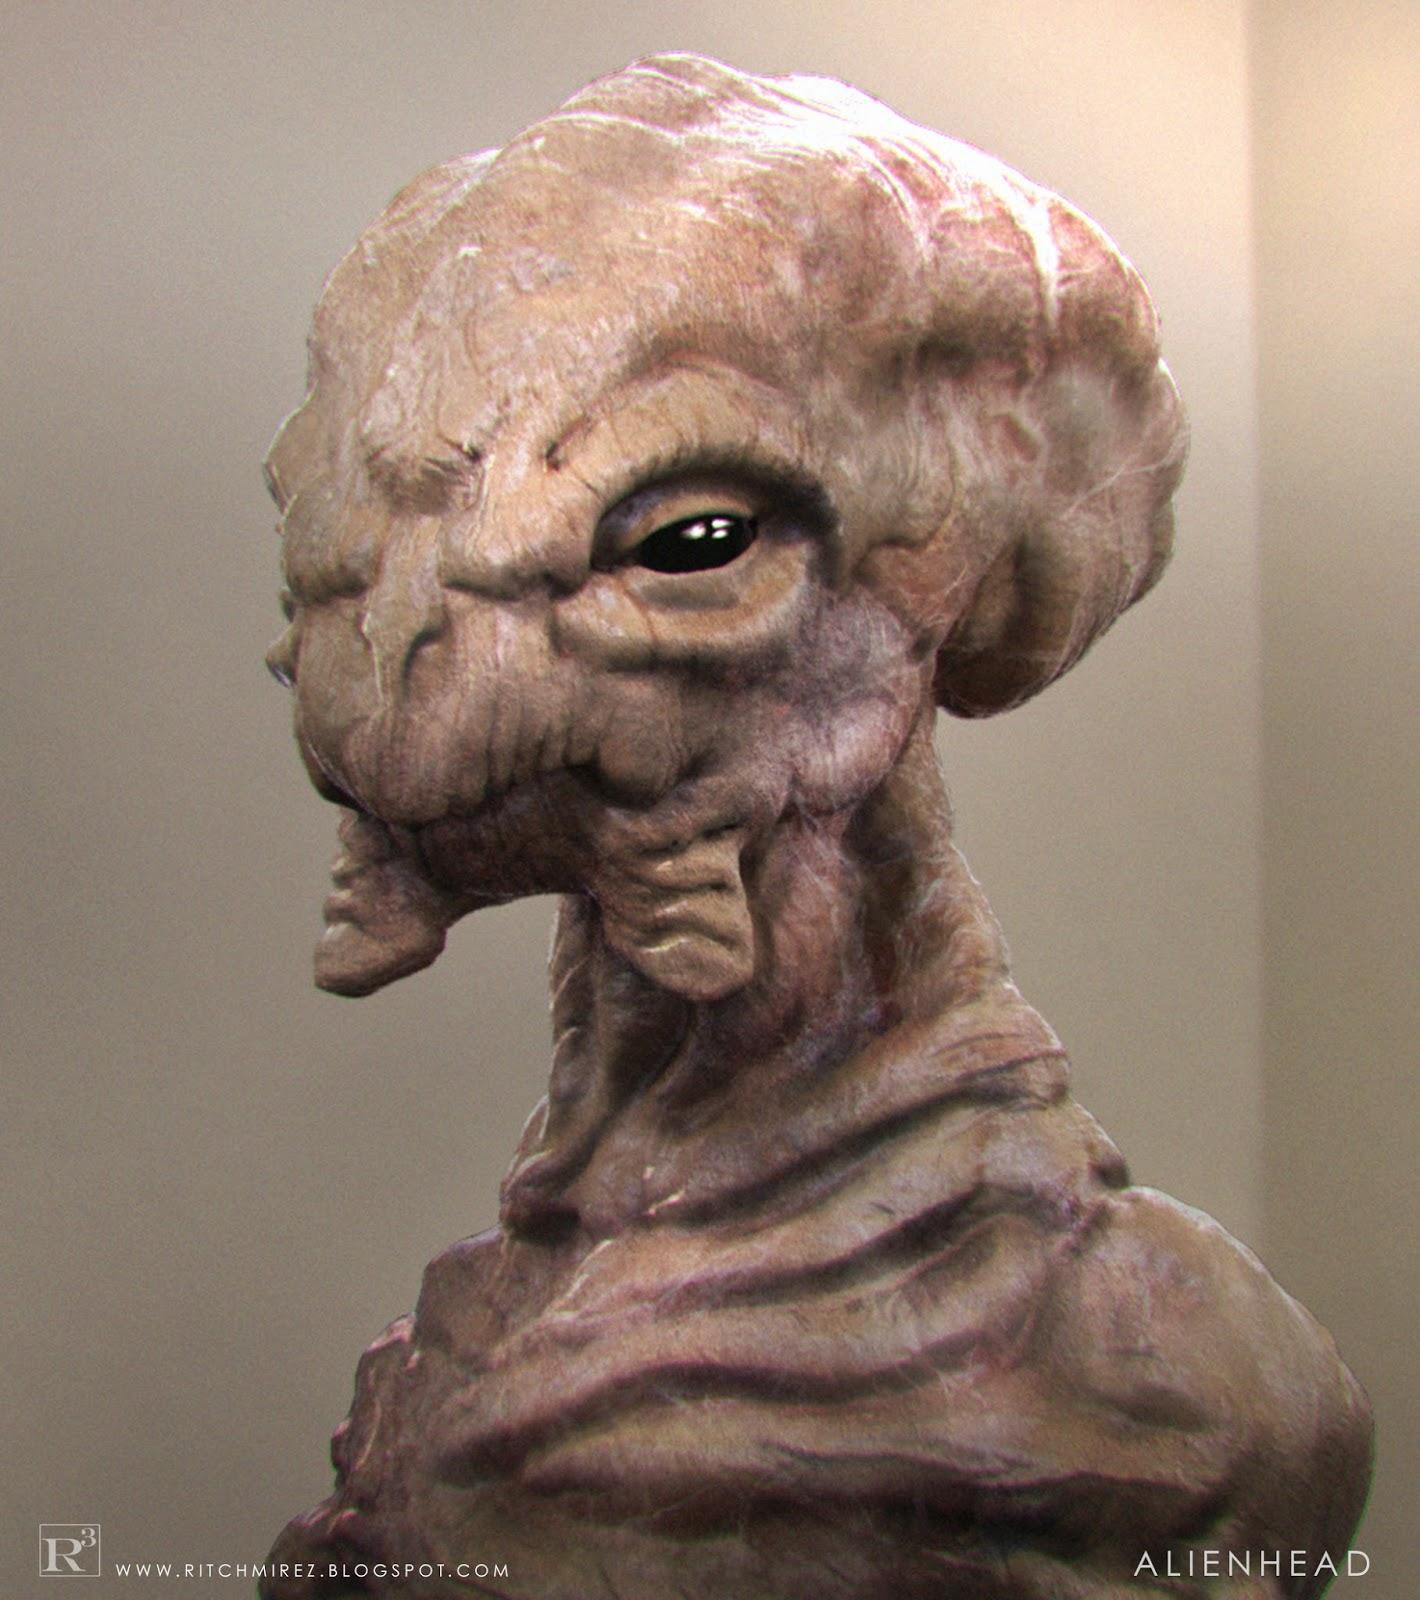 Alienhead_render.jpg